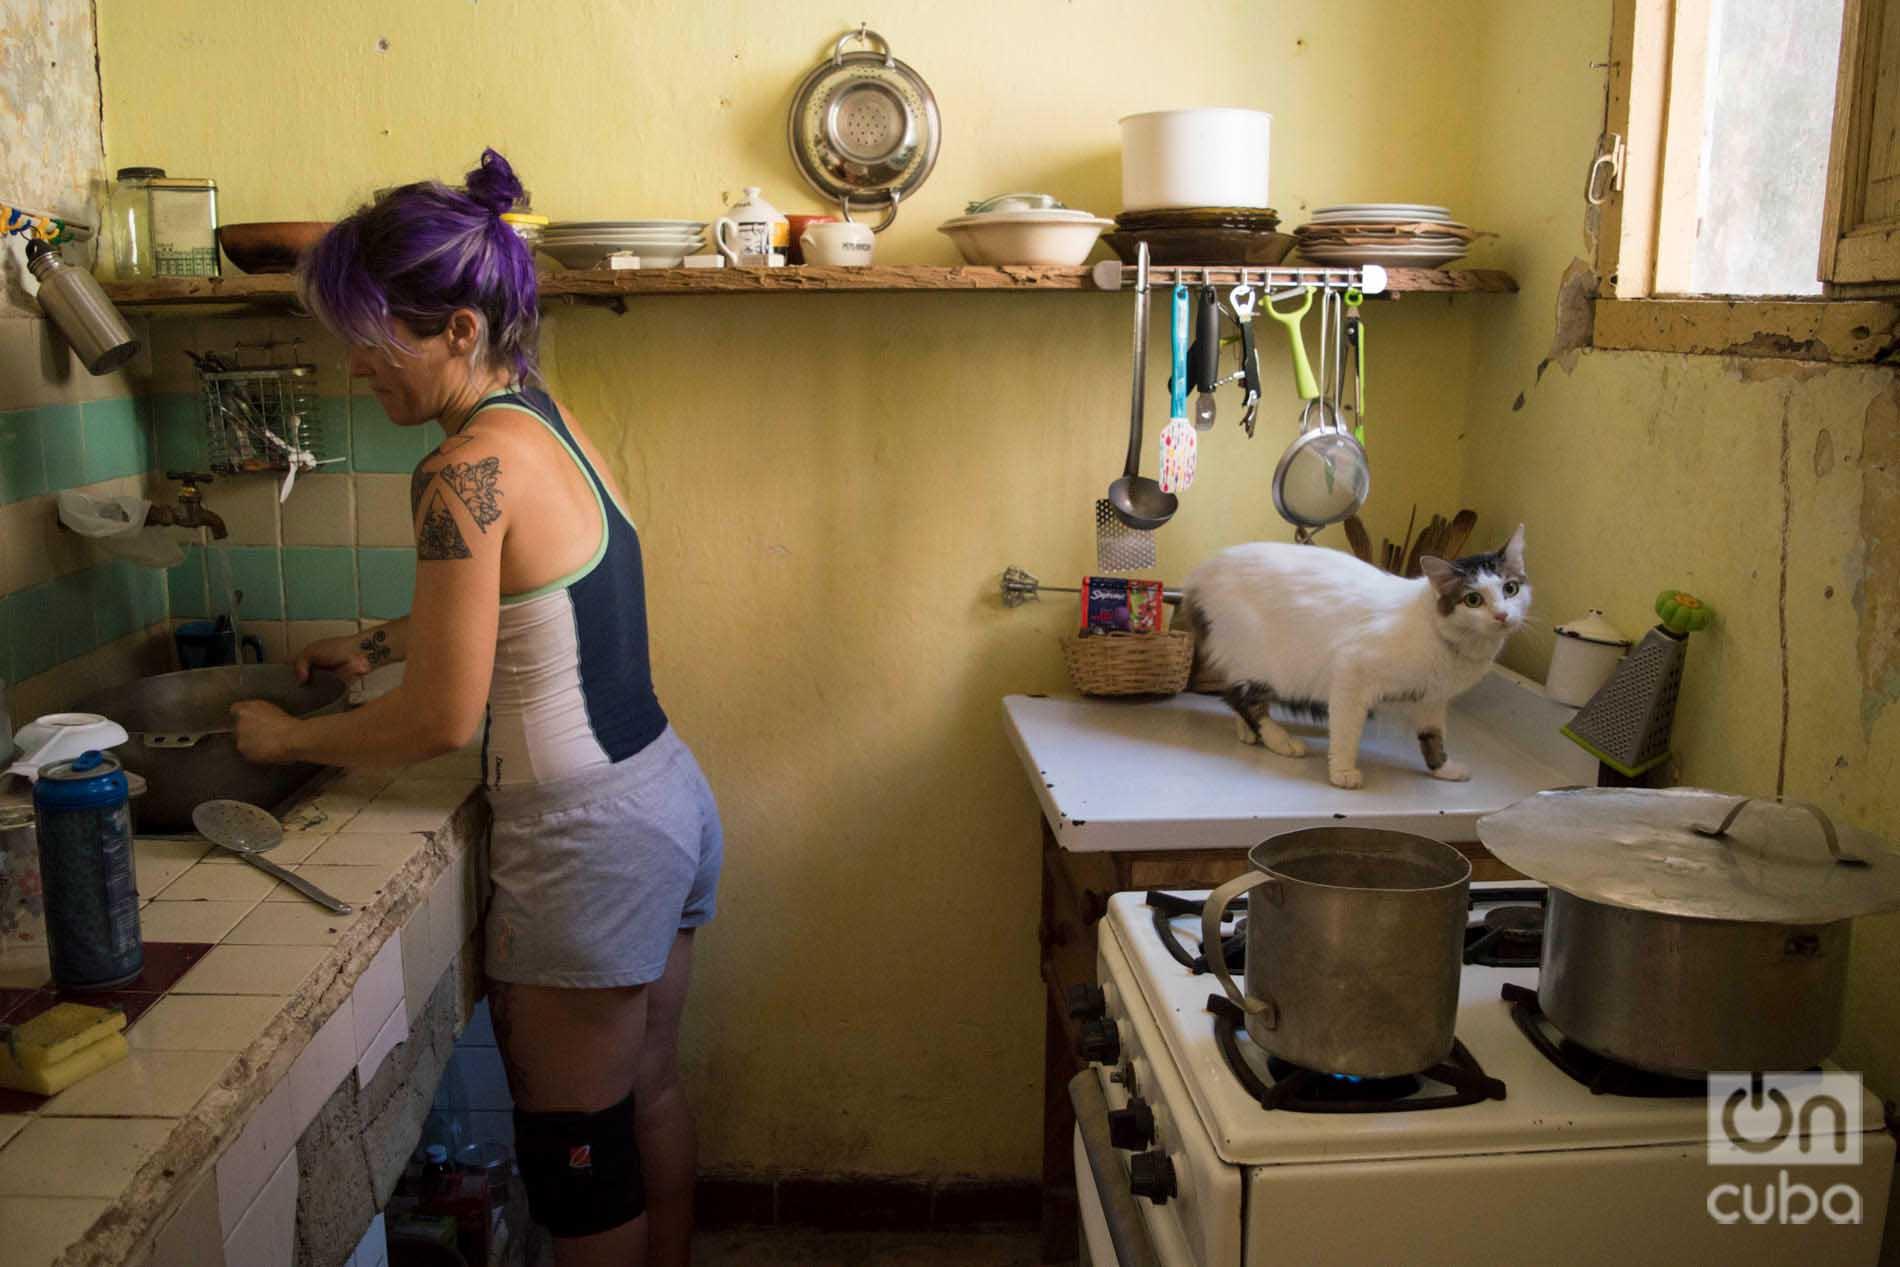 Lis Núñez en la cocina de su casa en Guanabacoa mientras prepara comida para los gatos de su refugio. Foto: Otmaro Rodríguez.